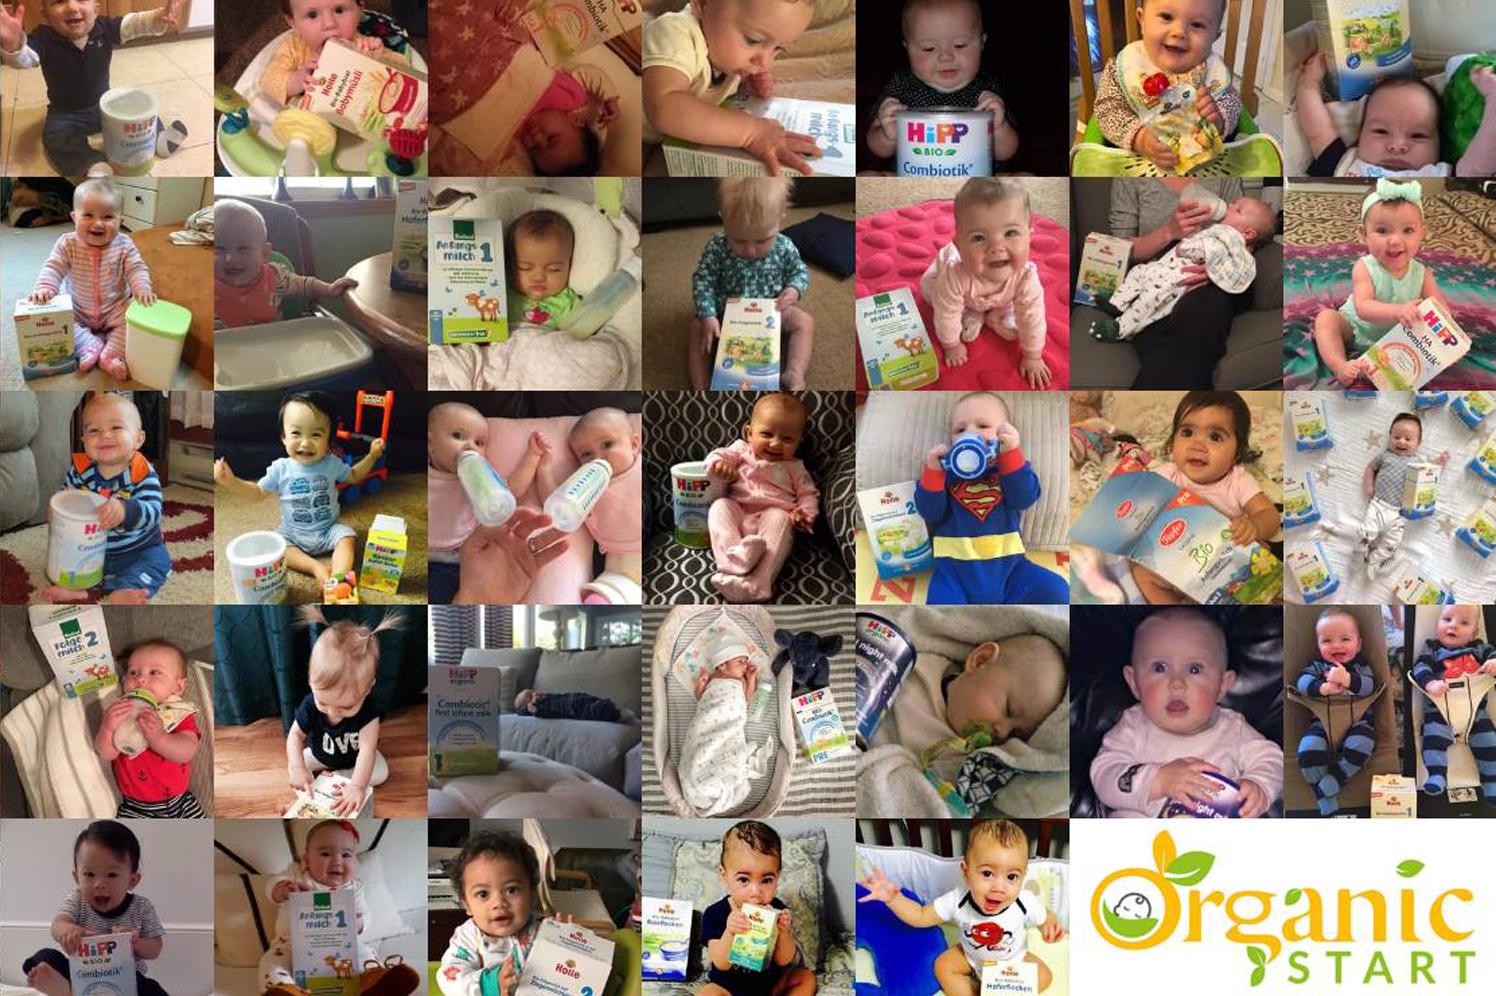 Organic Start Collage